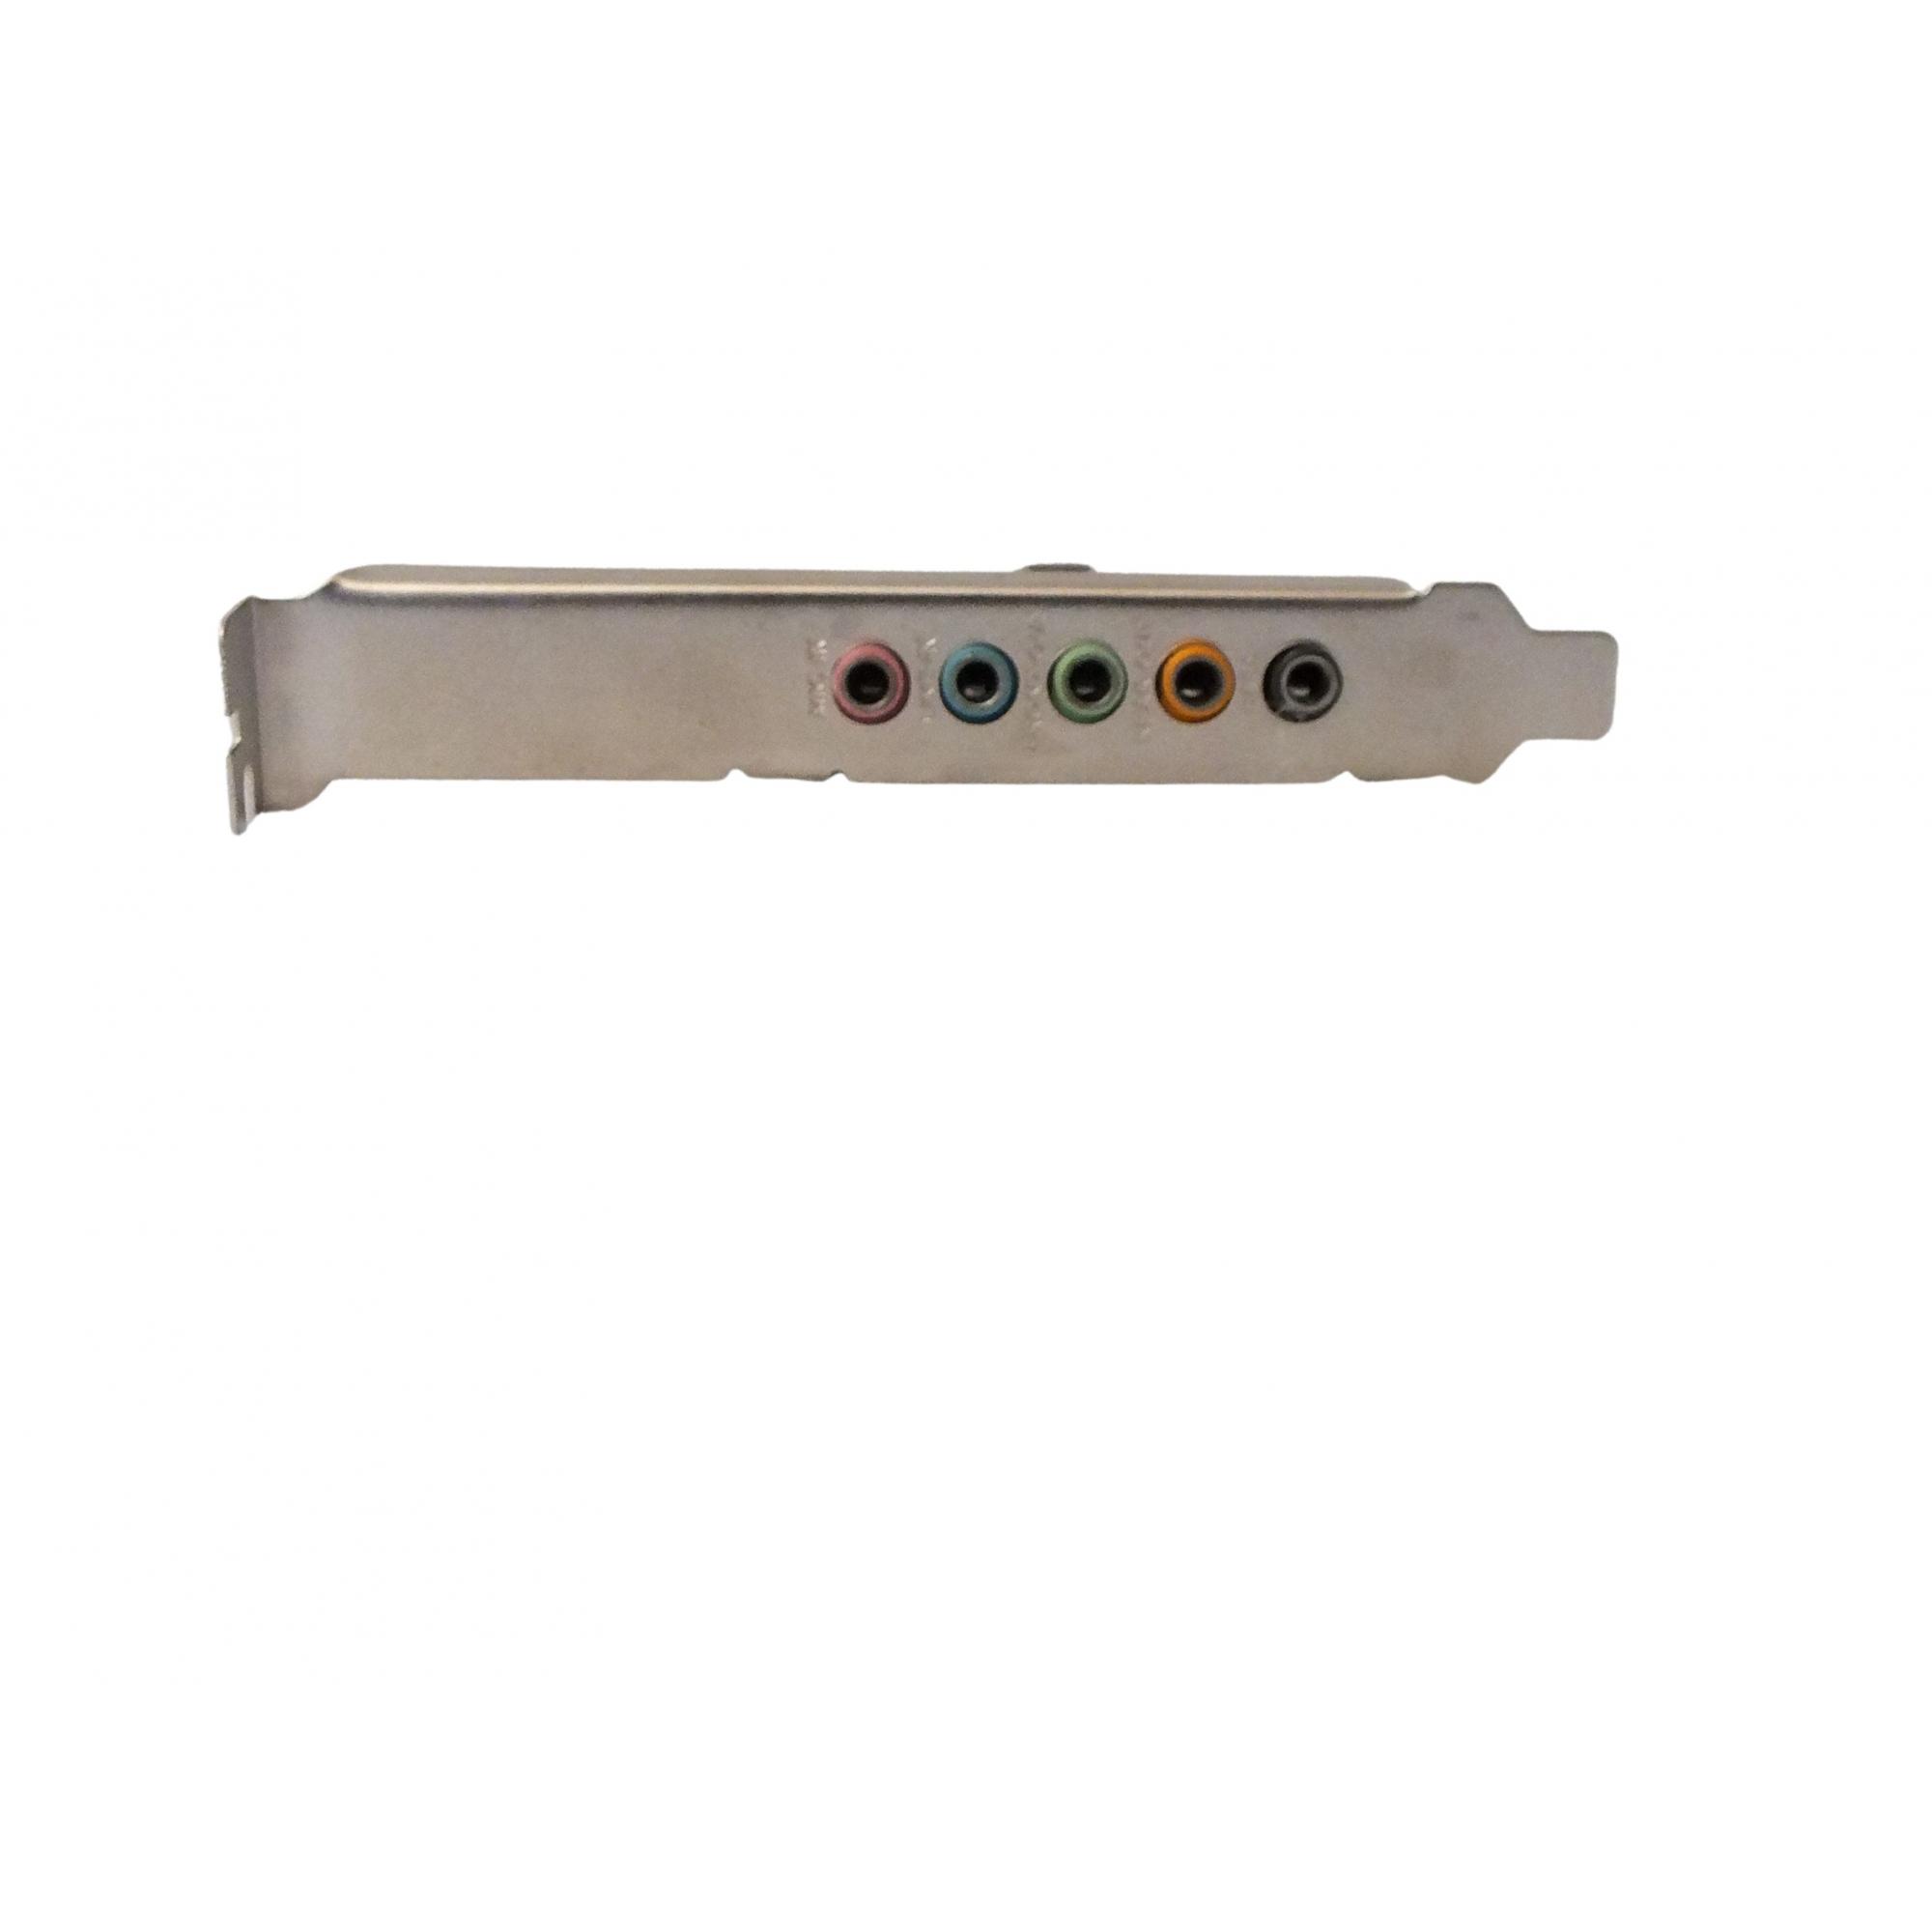 Placa De Som Pci 5.1 6 Canais Chipset: Cmi8738